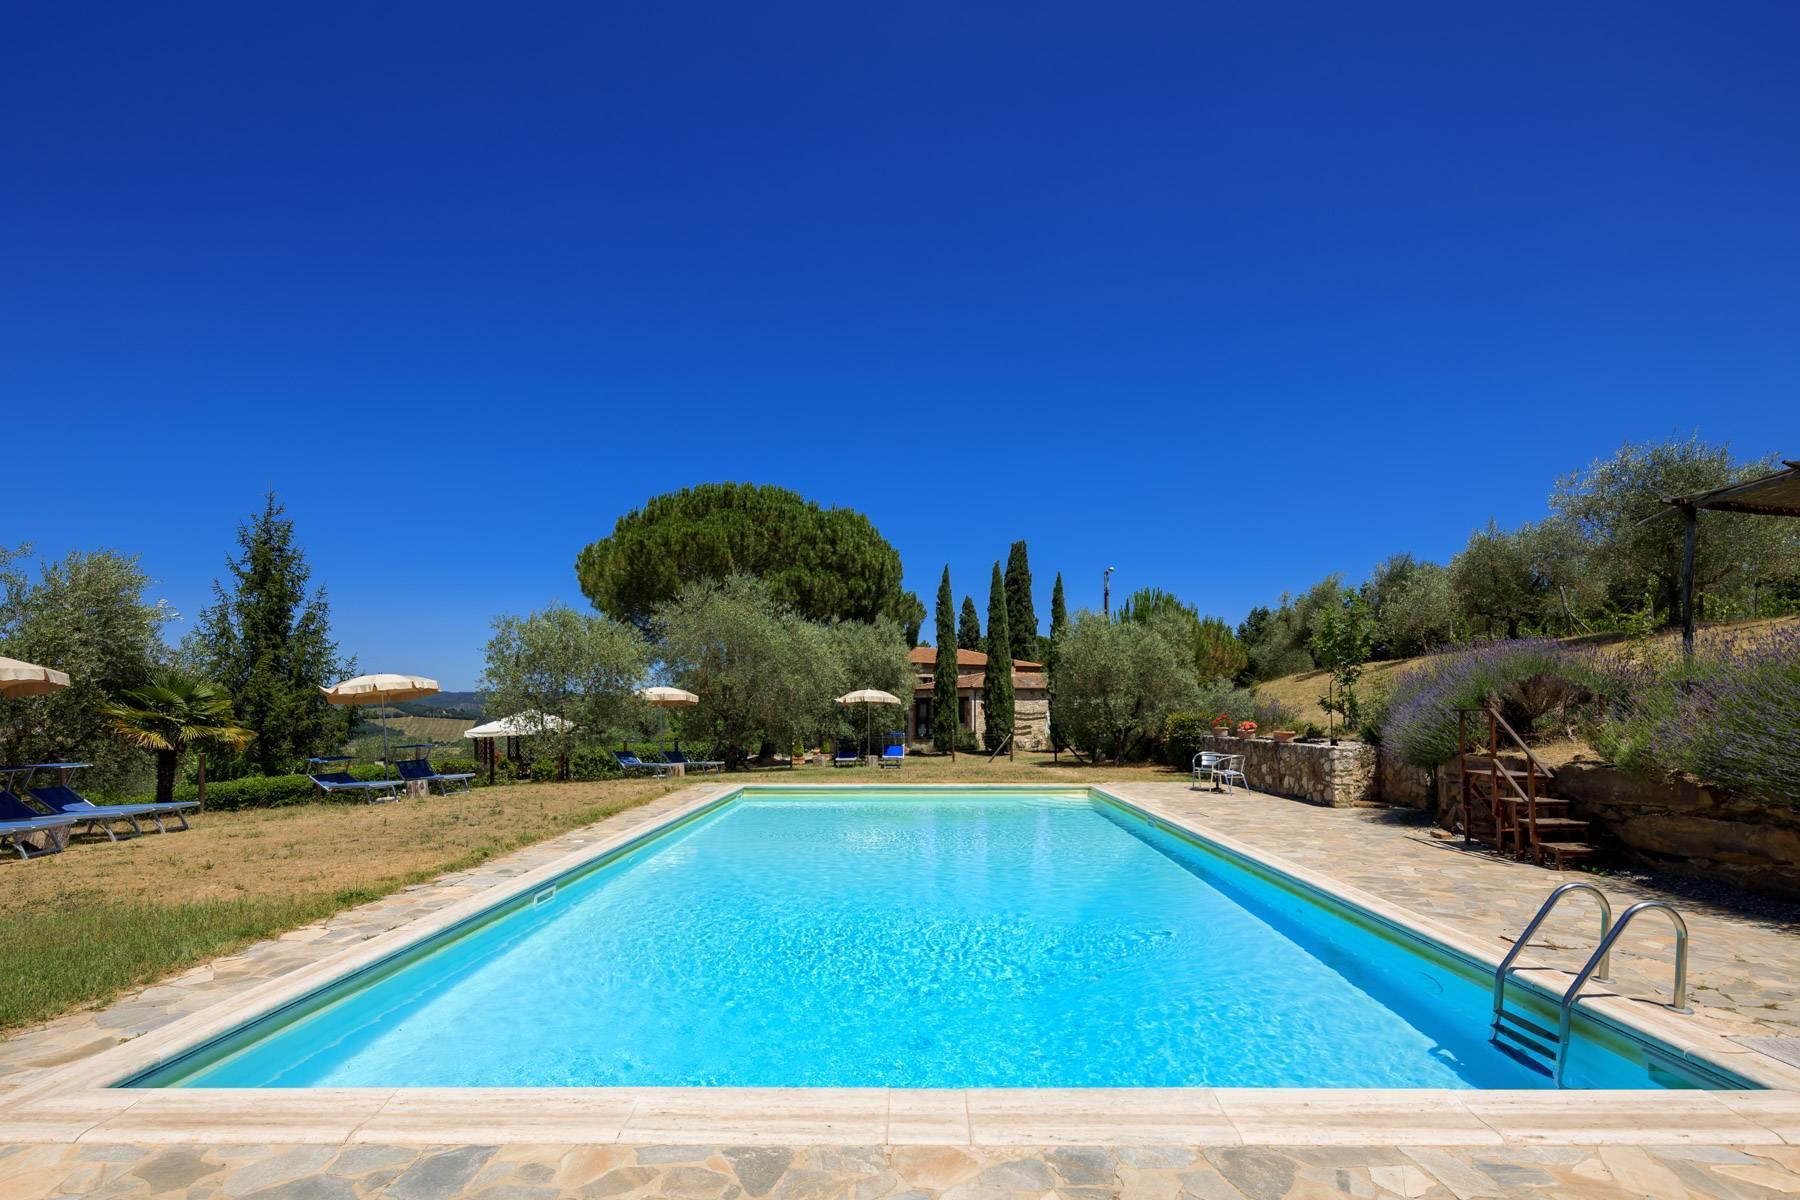 Storico casale nel cuore delle crete senesi con piscina - 39